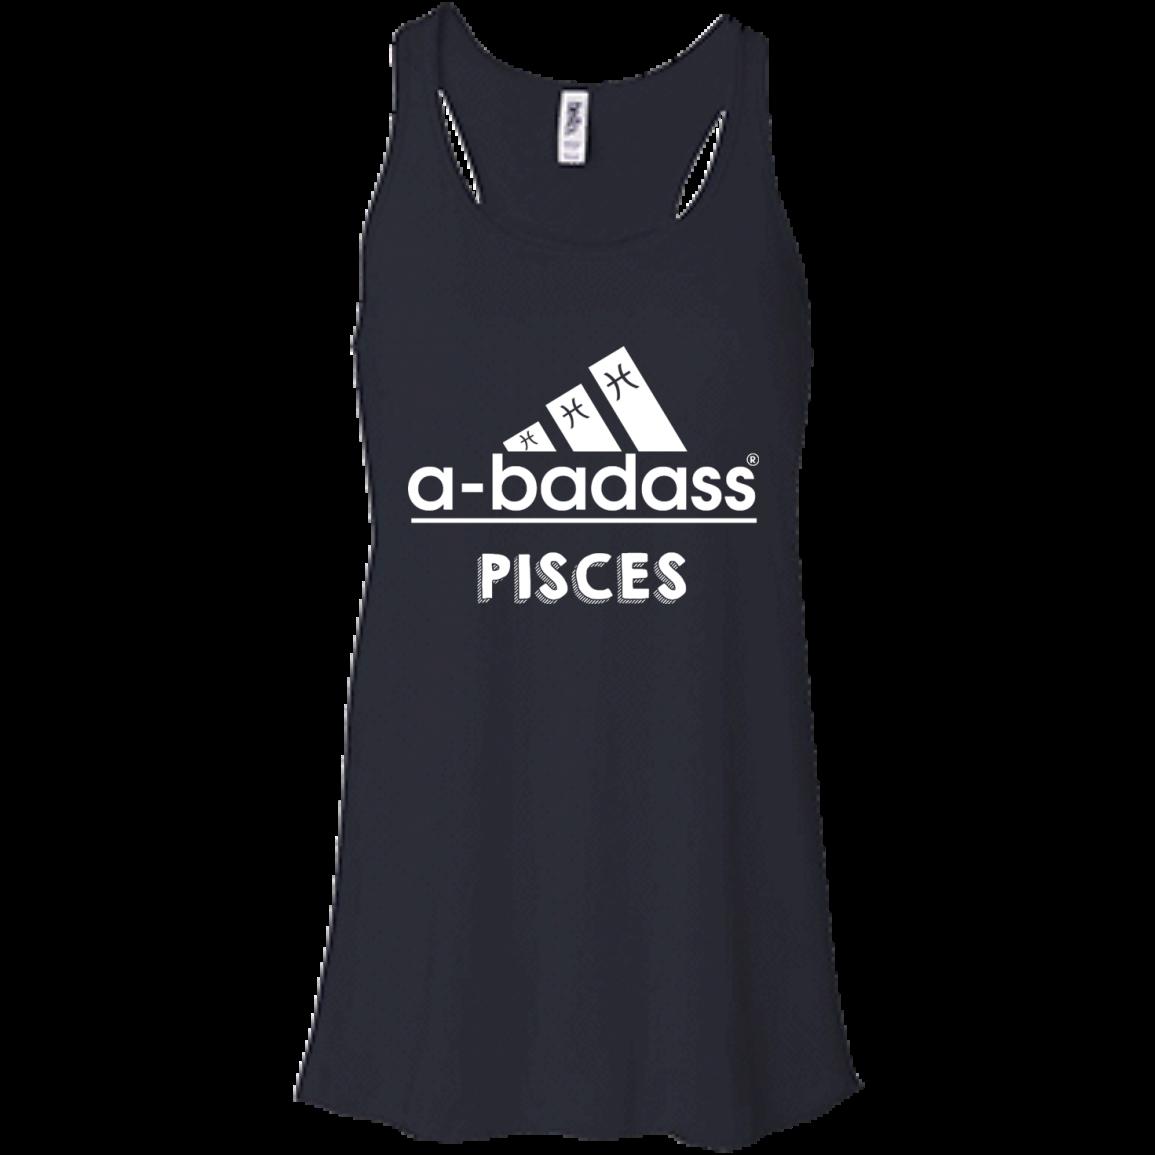 Pisces Zodiac Shirts Pisces Horocopse shirts A badass pisces T shirt,Tank top & Hoodies